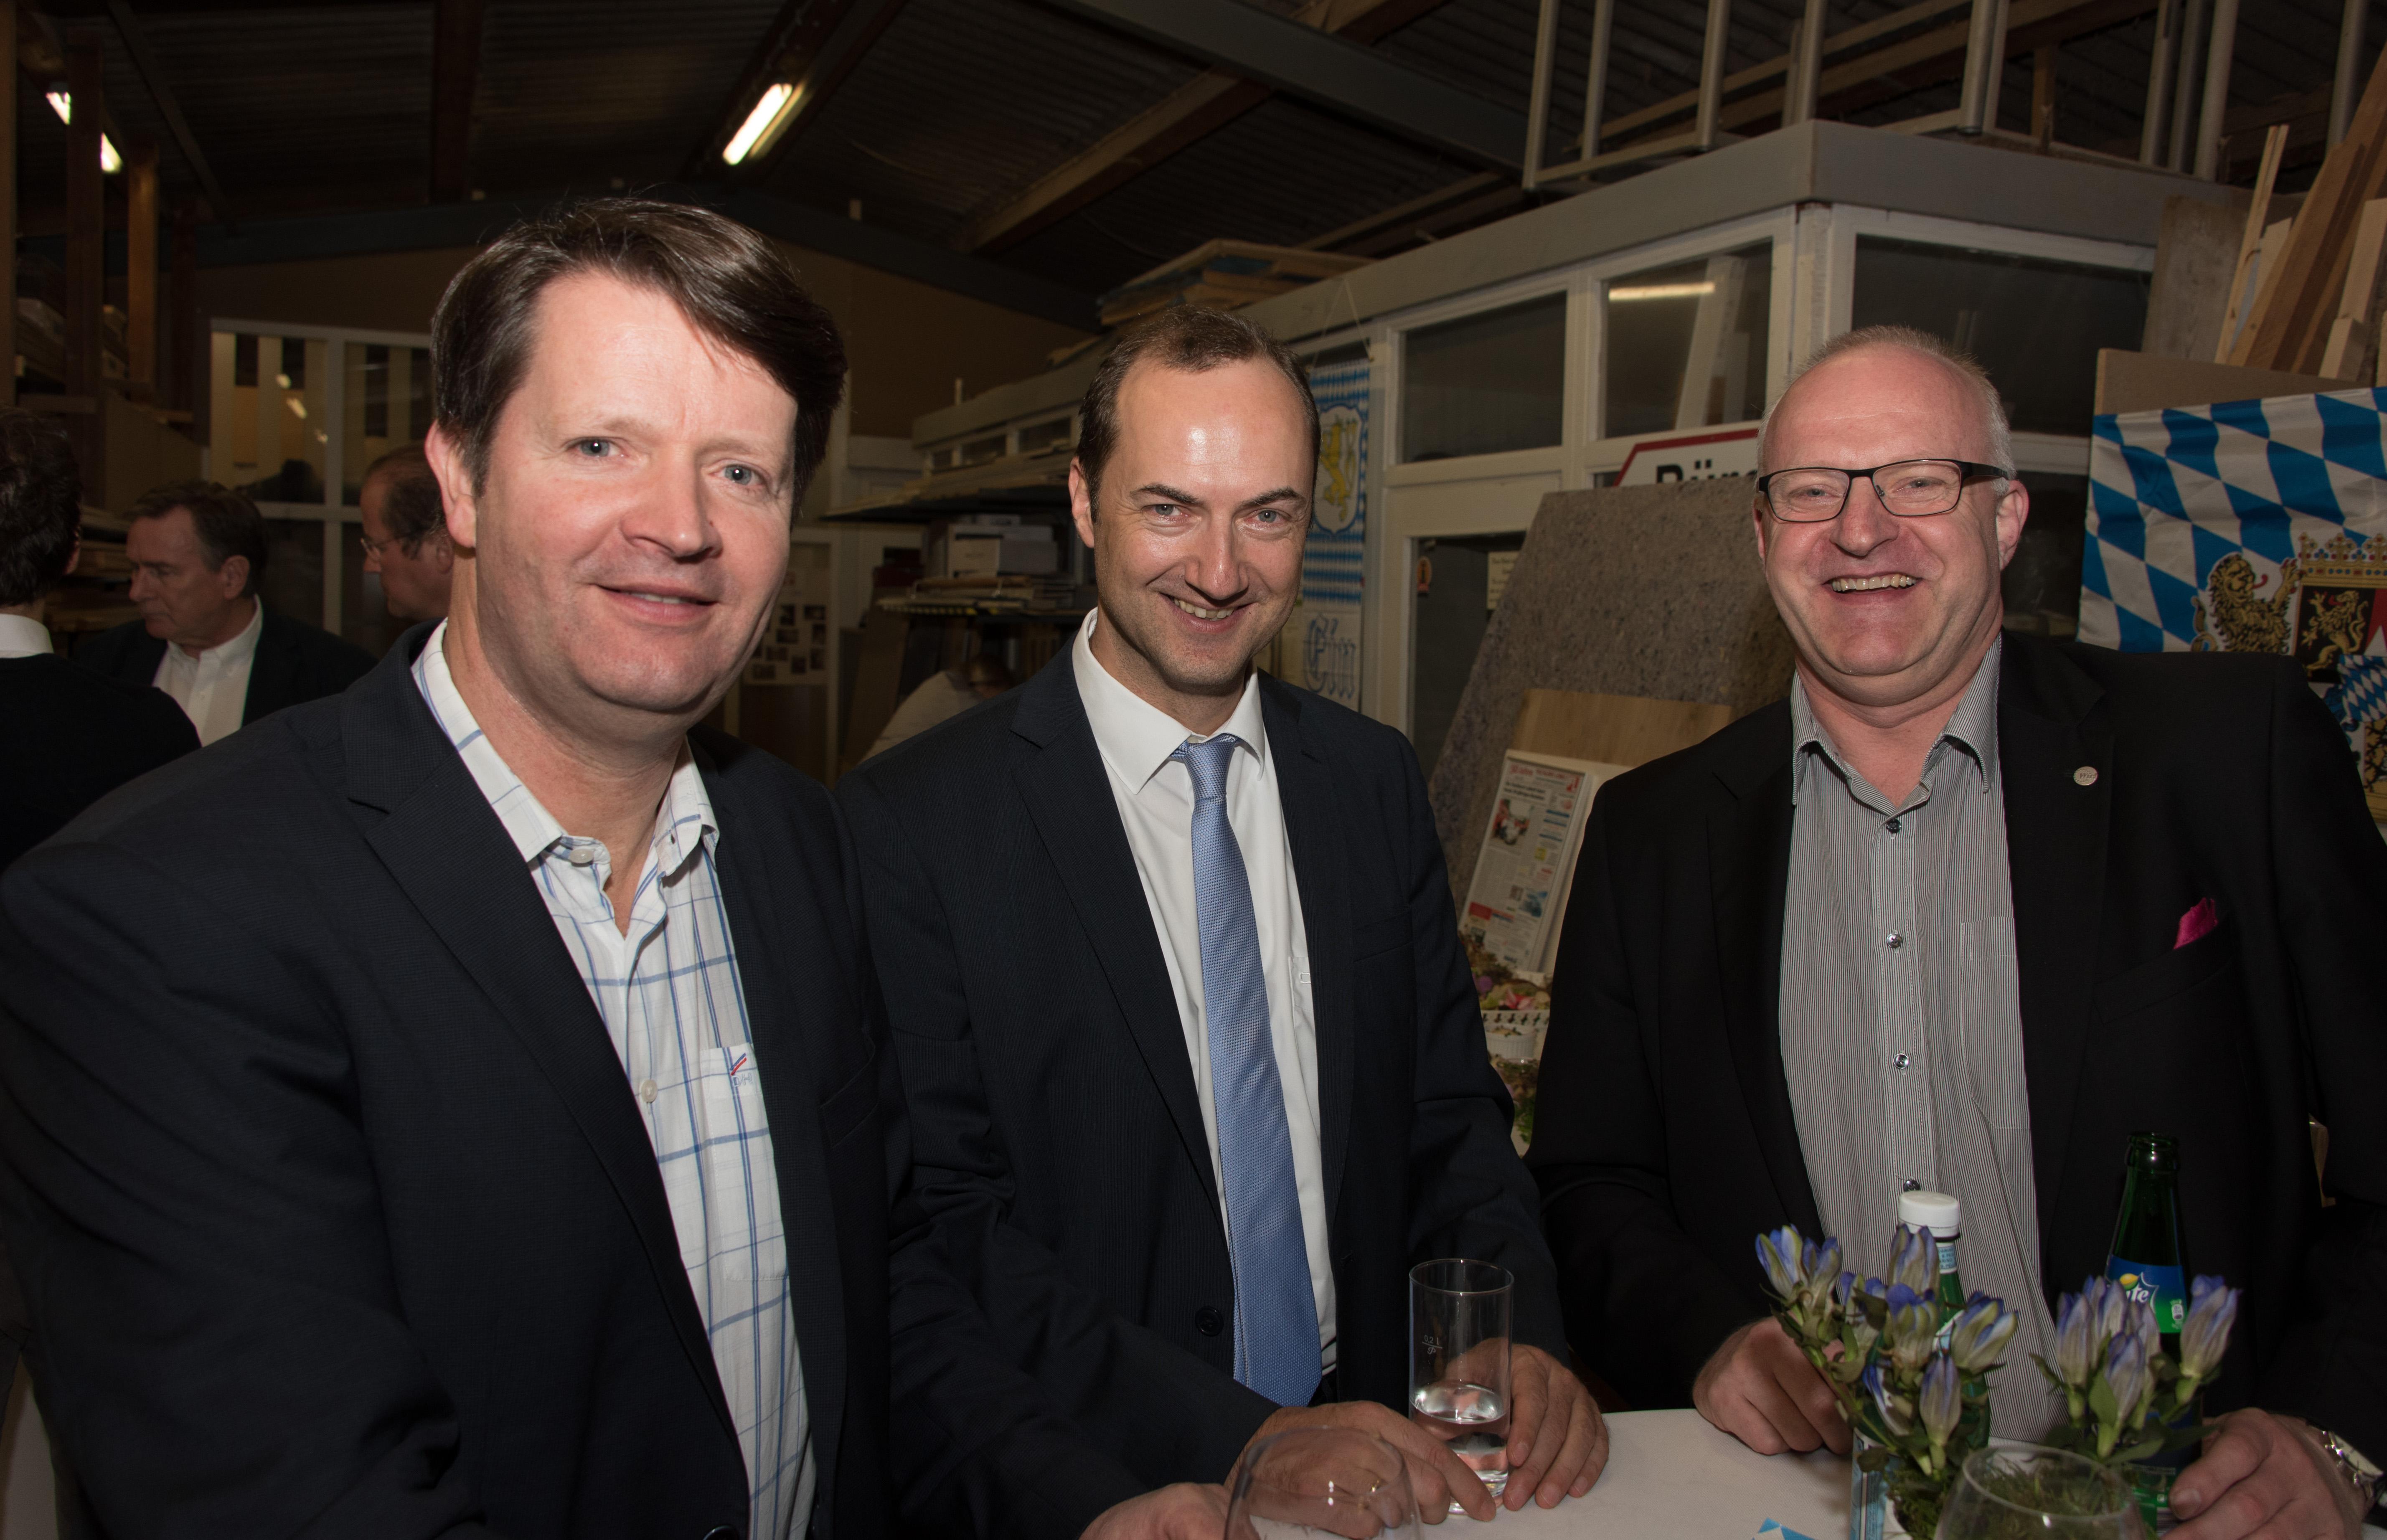 Casrten NIemann, Oliver Germs, Hubert Greinert